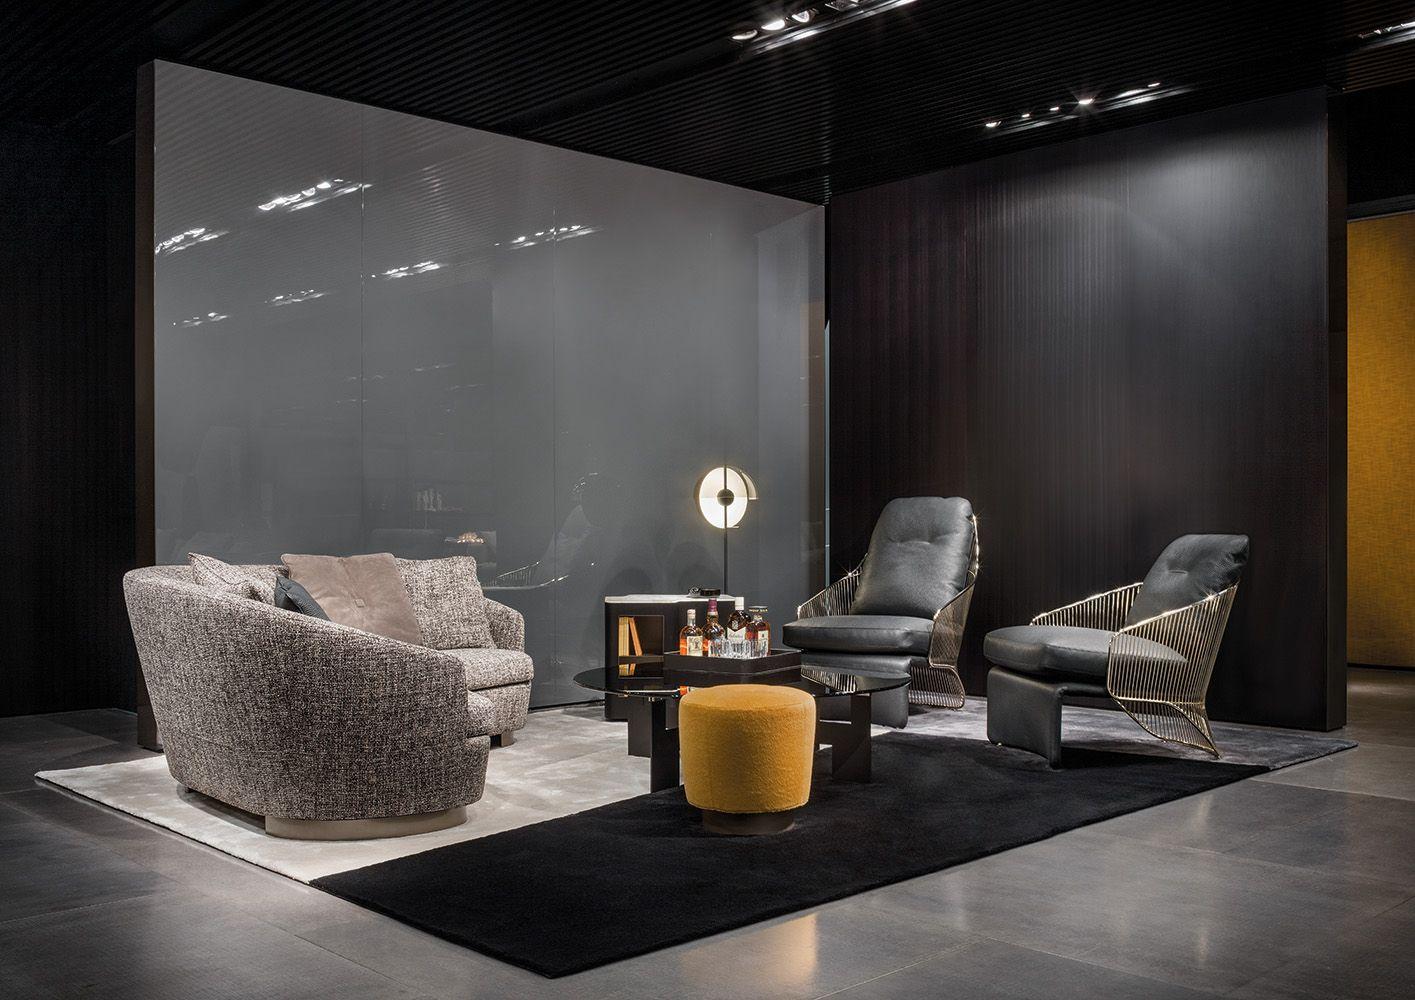 Fiera Del Mobile Colonia 2018 minotti @ imm cologne 2018 jacques sofa, colette armchair